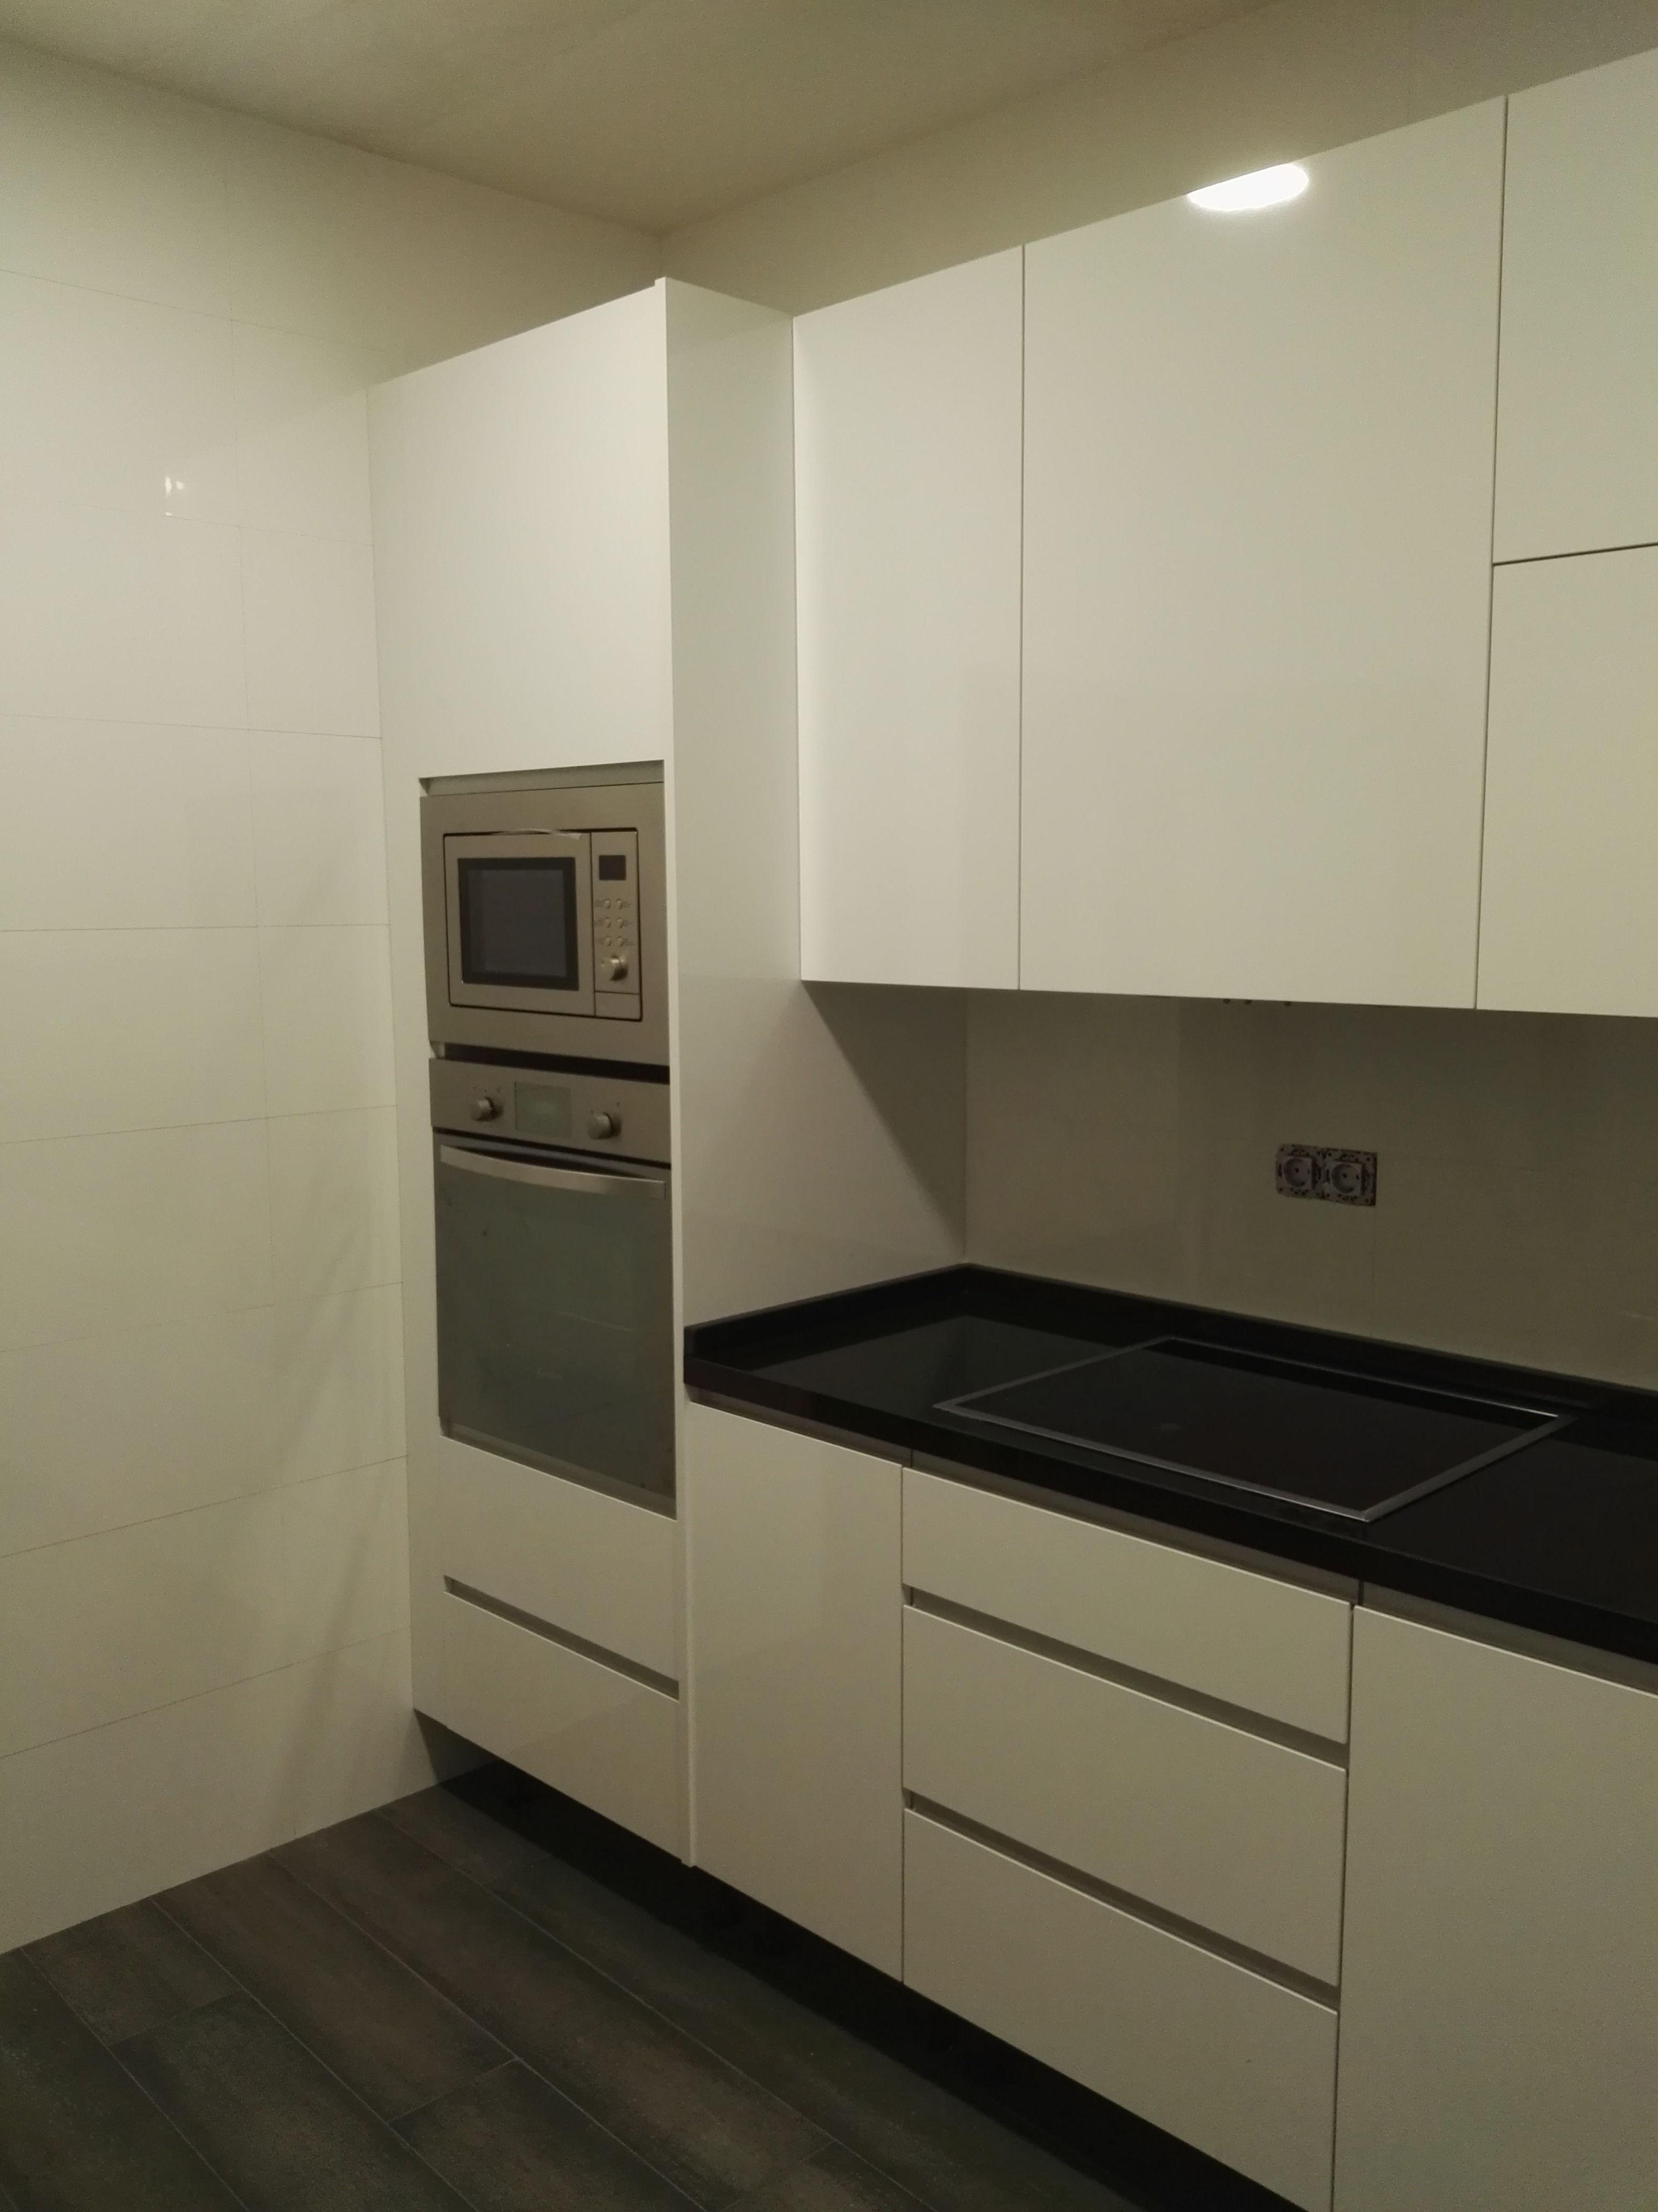 Foto 56 de Reformas en baños y cocinas en Trobajo del Camino | F. Alba, cocinas y baños